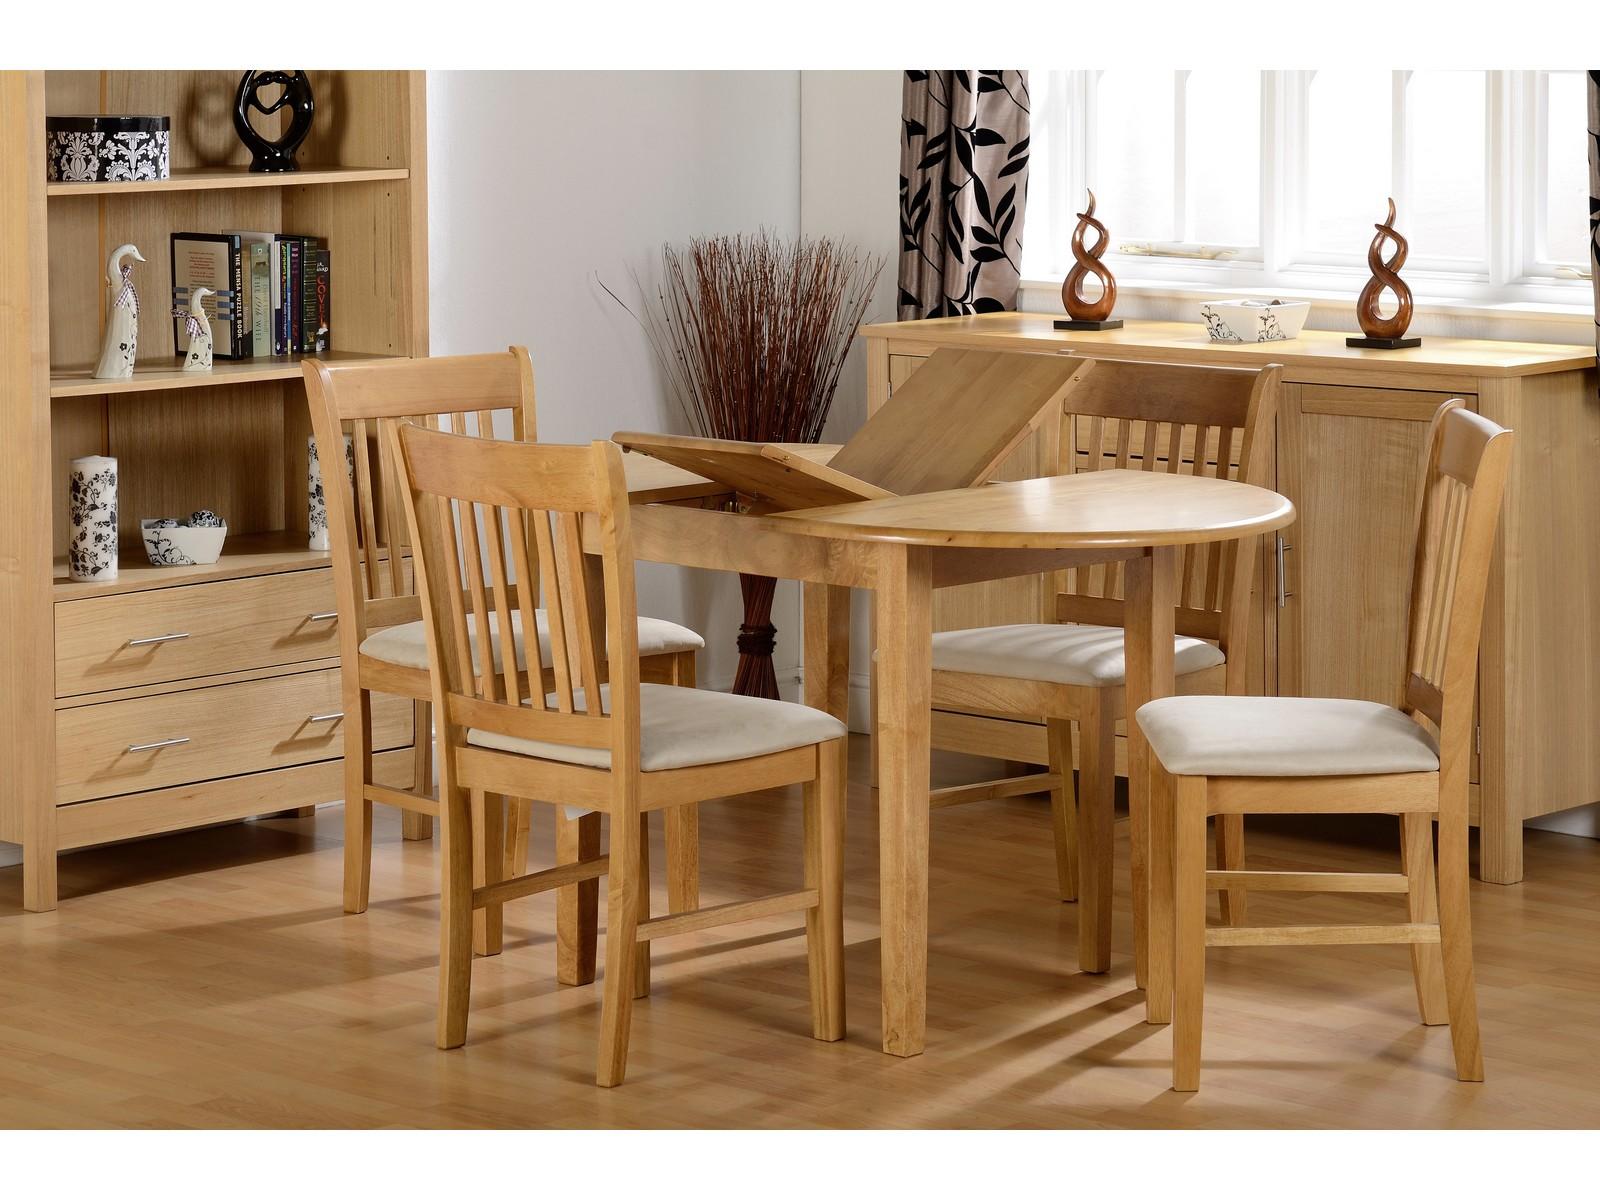 seconique oxford oak extending dining set table 4